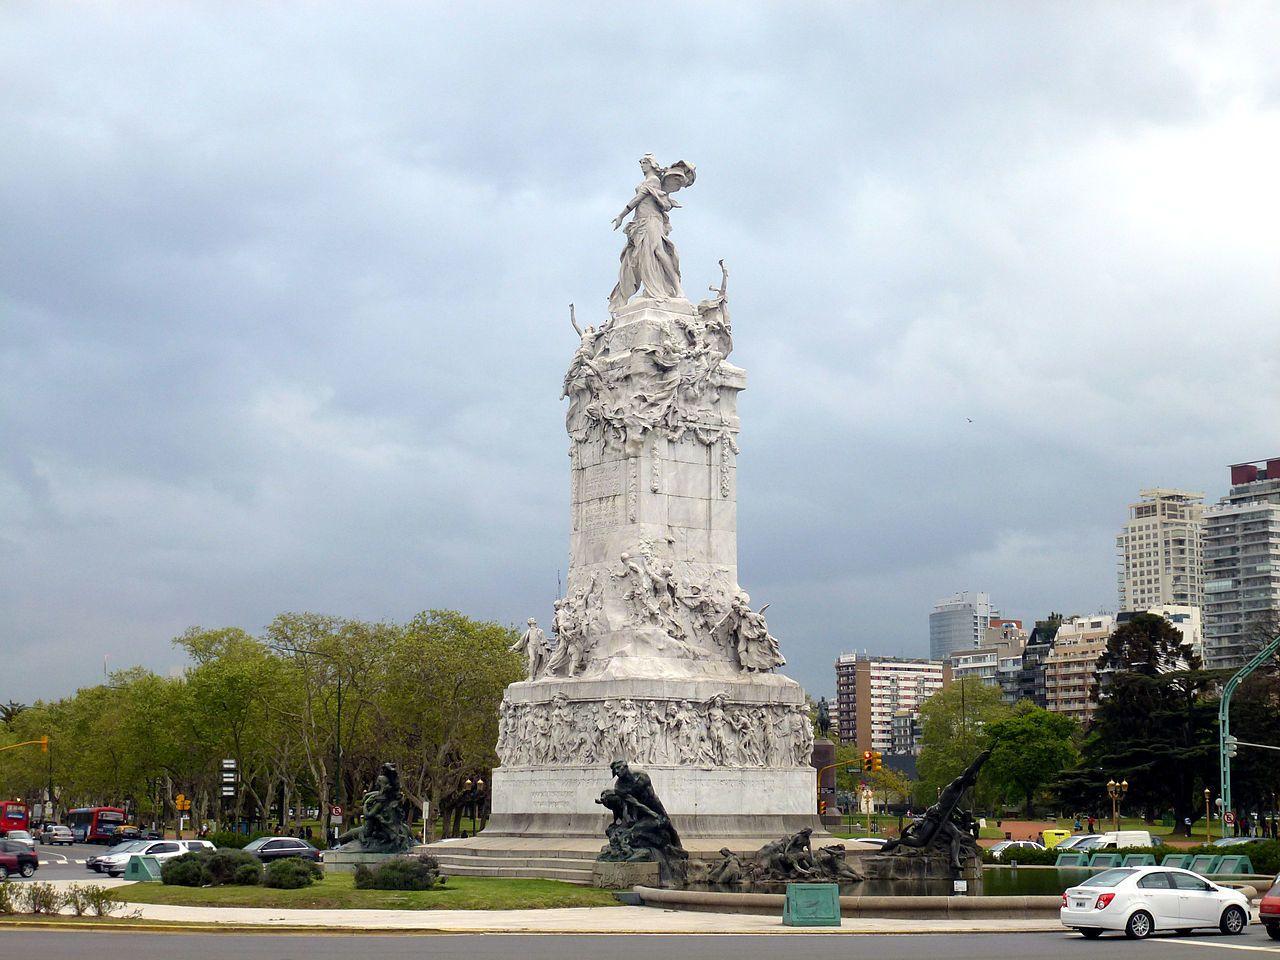 1280px-WLM_2013_-_Monumento_de_los_Españoles_2.jpg